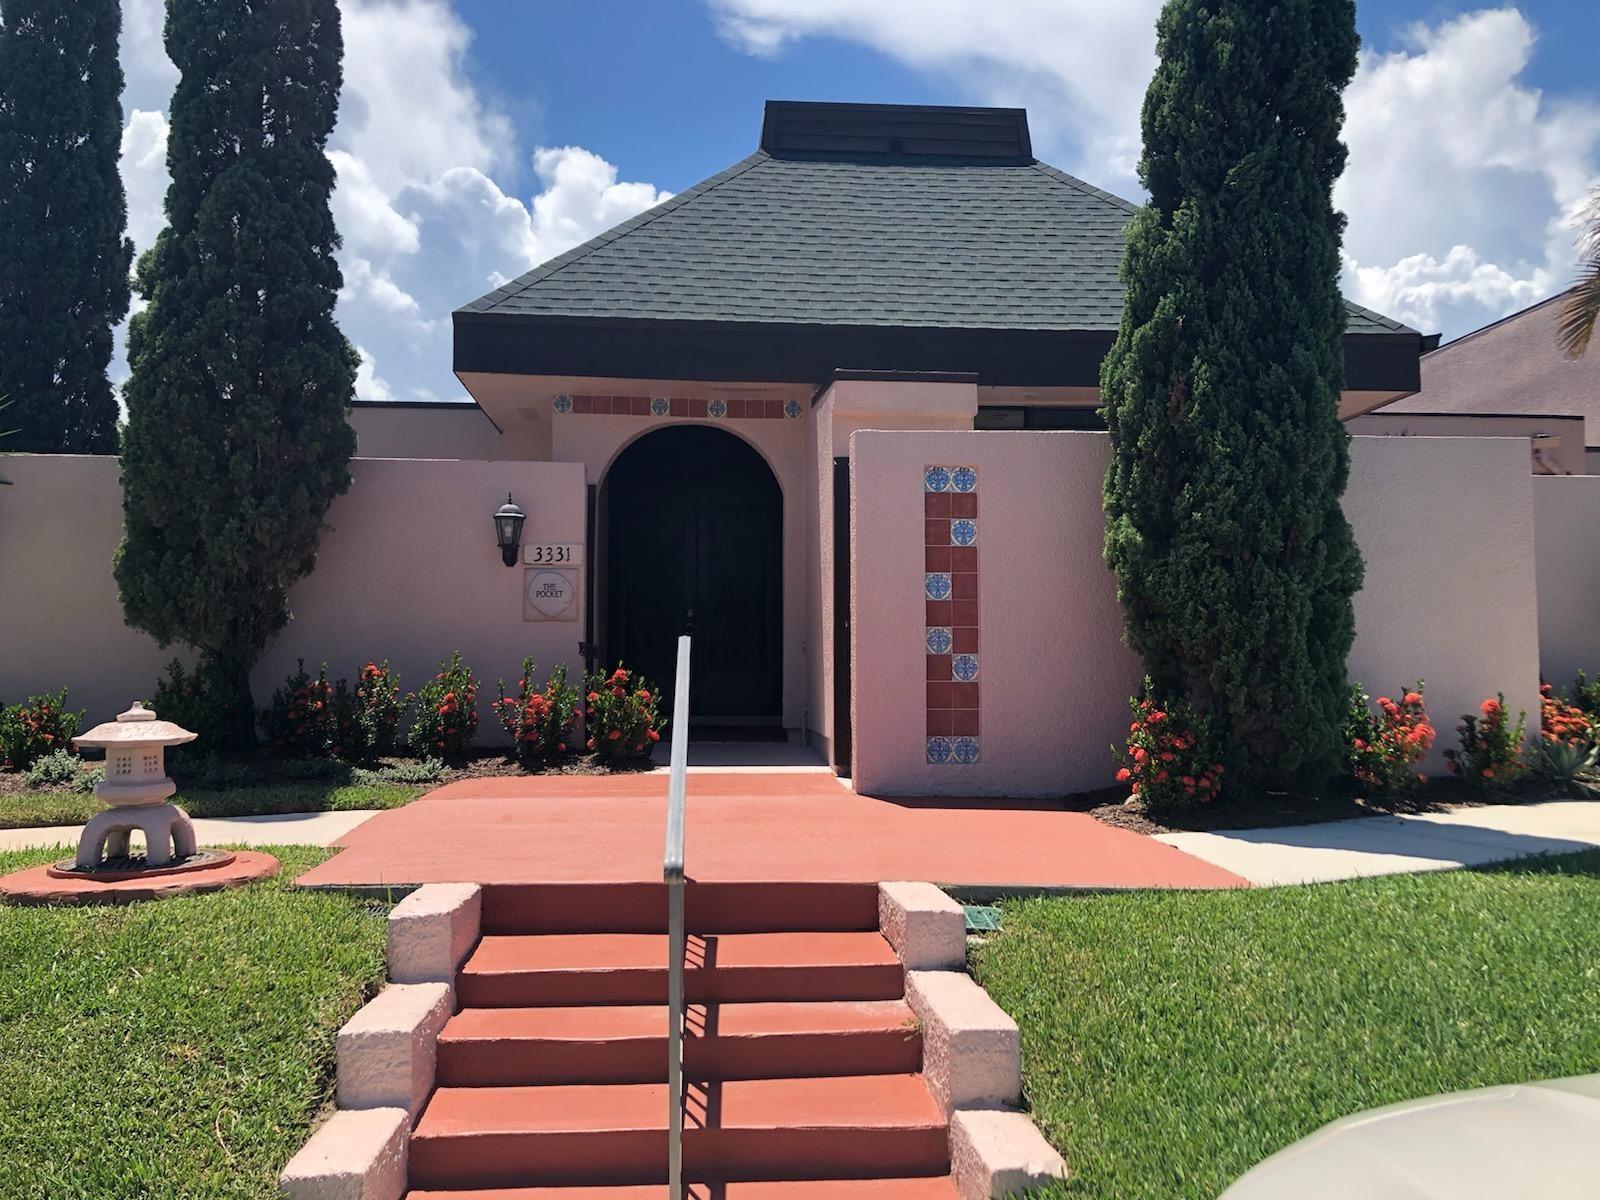 3331 SE La Prado Court SE, Port Saint Lucie, FL 34952 - #: RX-10732162